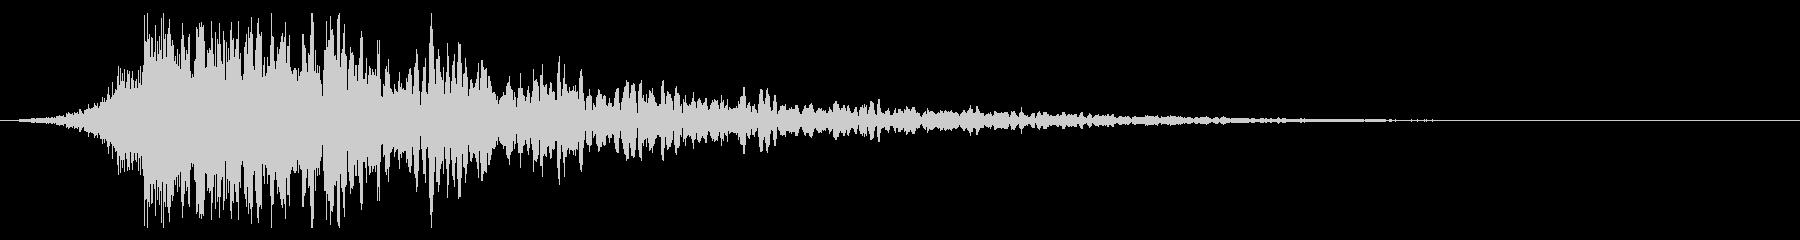 シュードーン-50-1(インパクト音)の未再生の波形